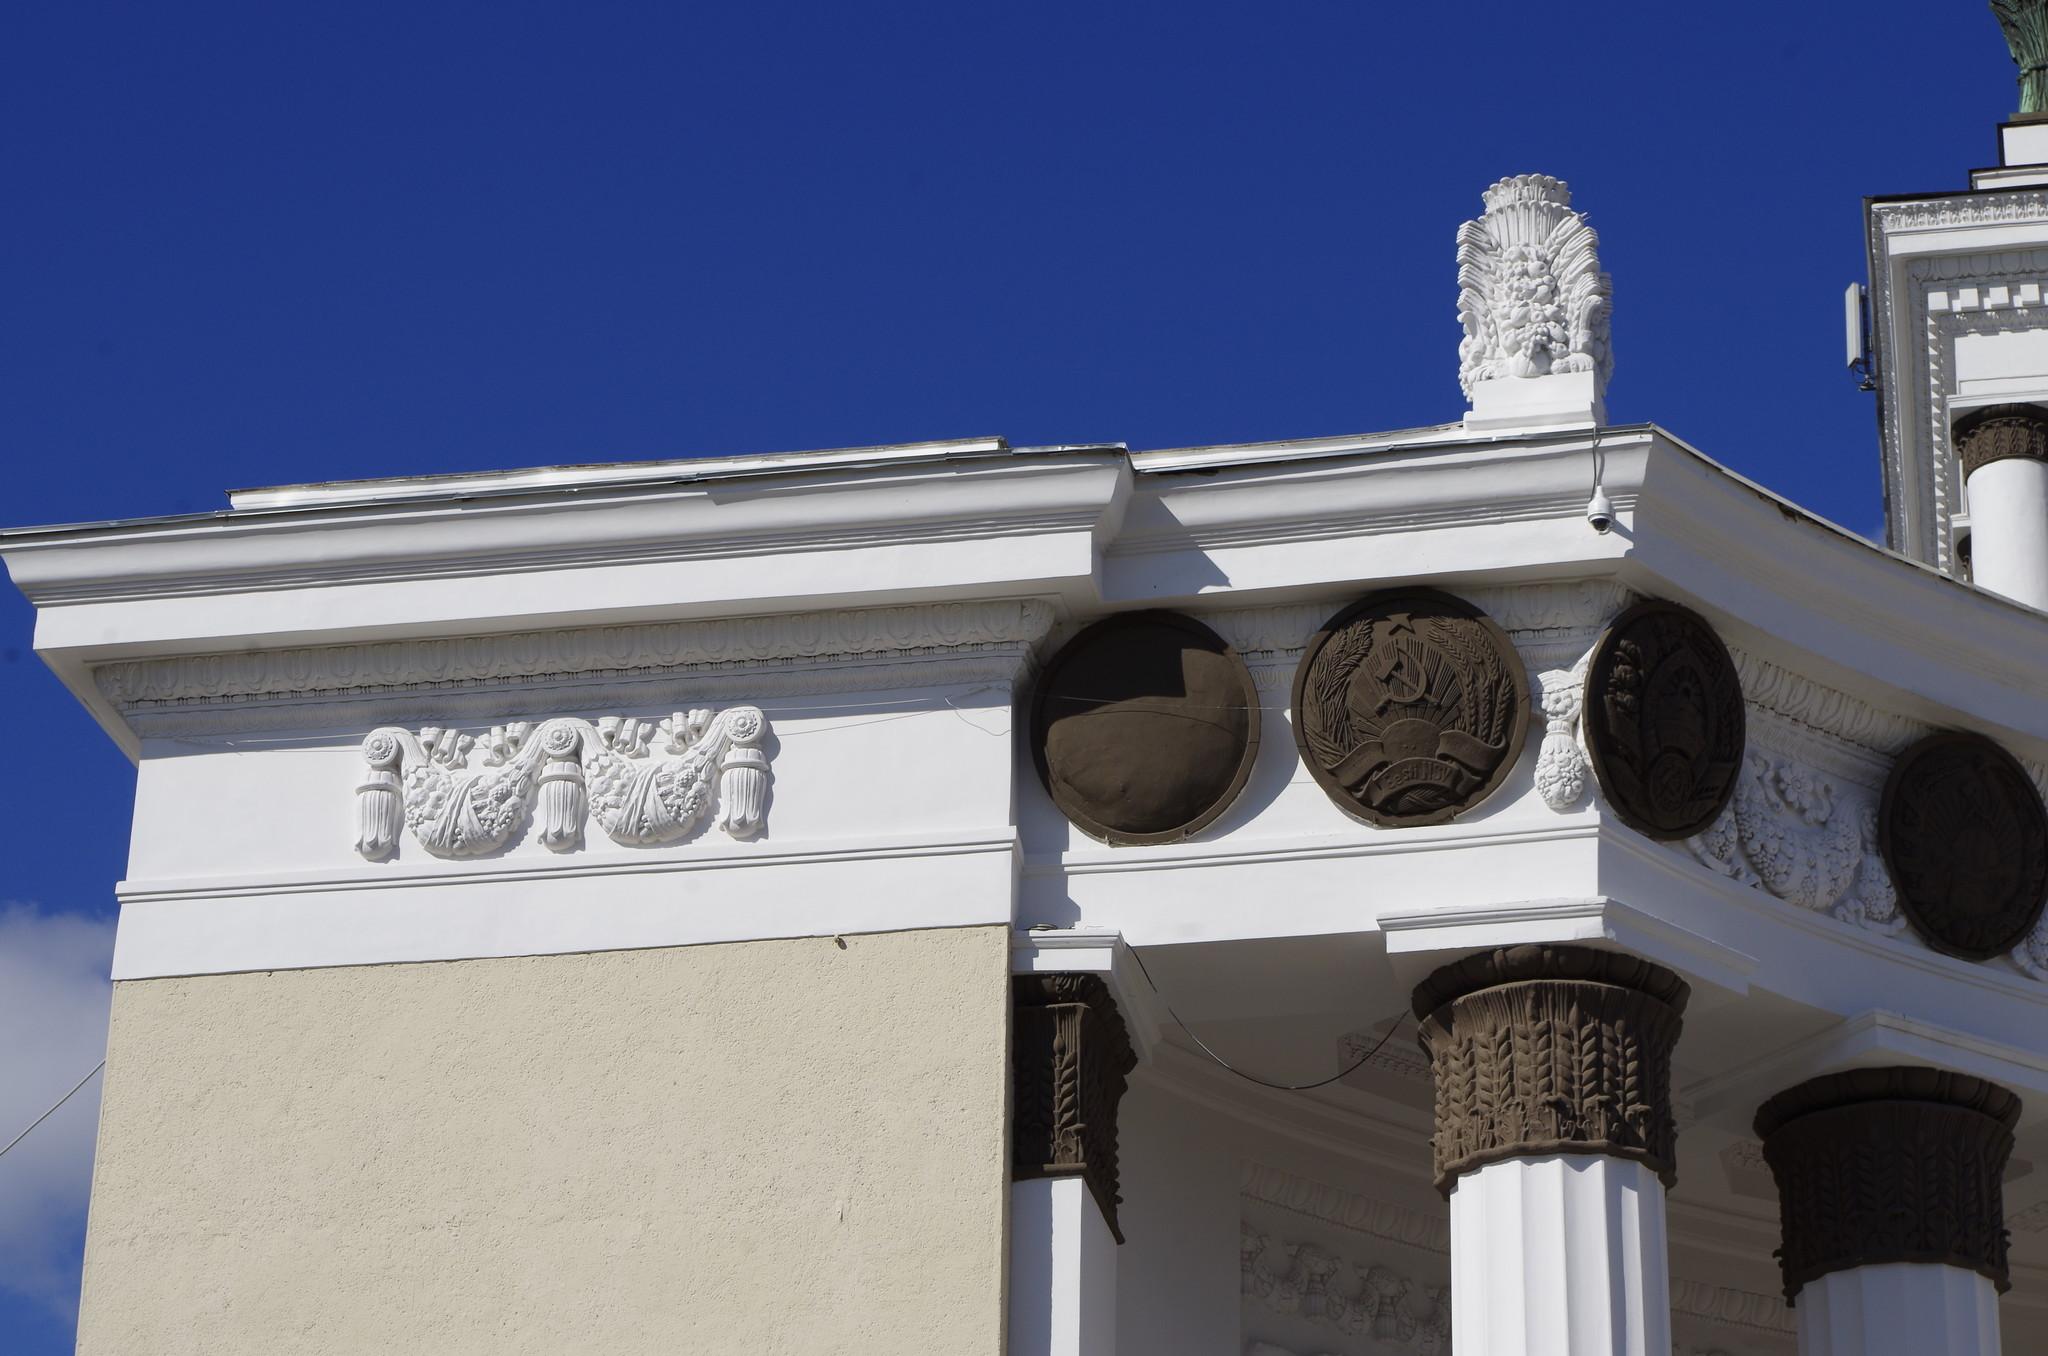 Украшением Главного павильона ВДНХ служит герб СССР и 16 медальонов-гербов союзных республик